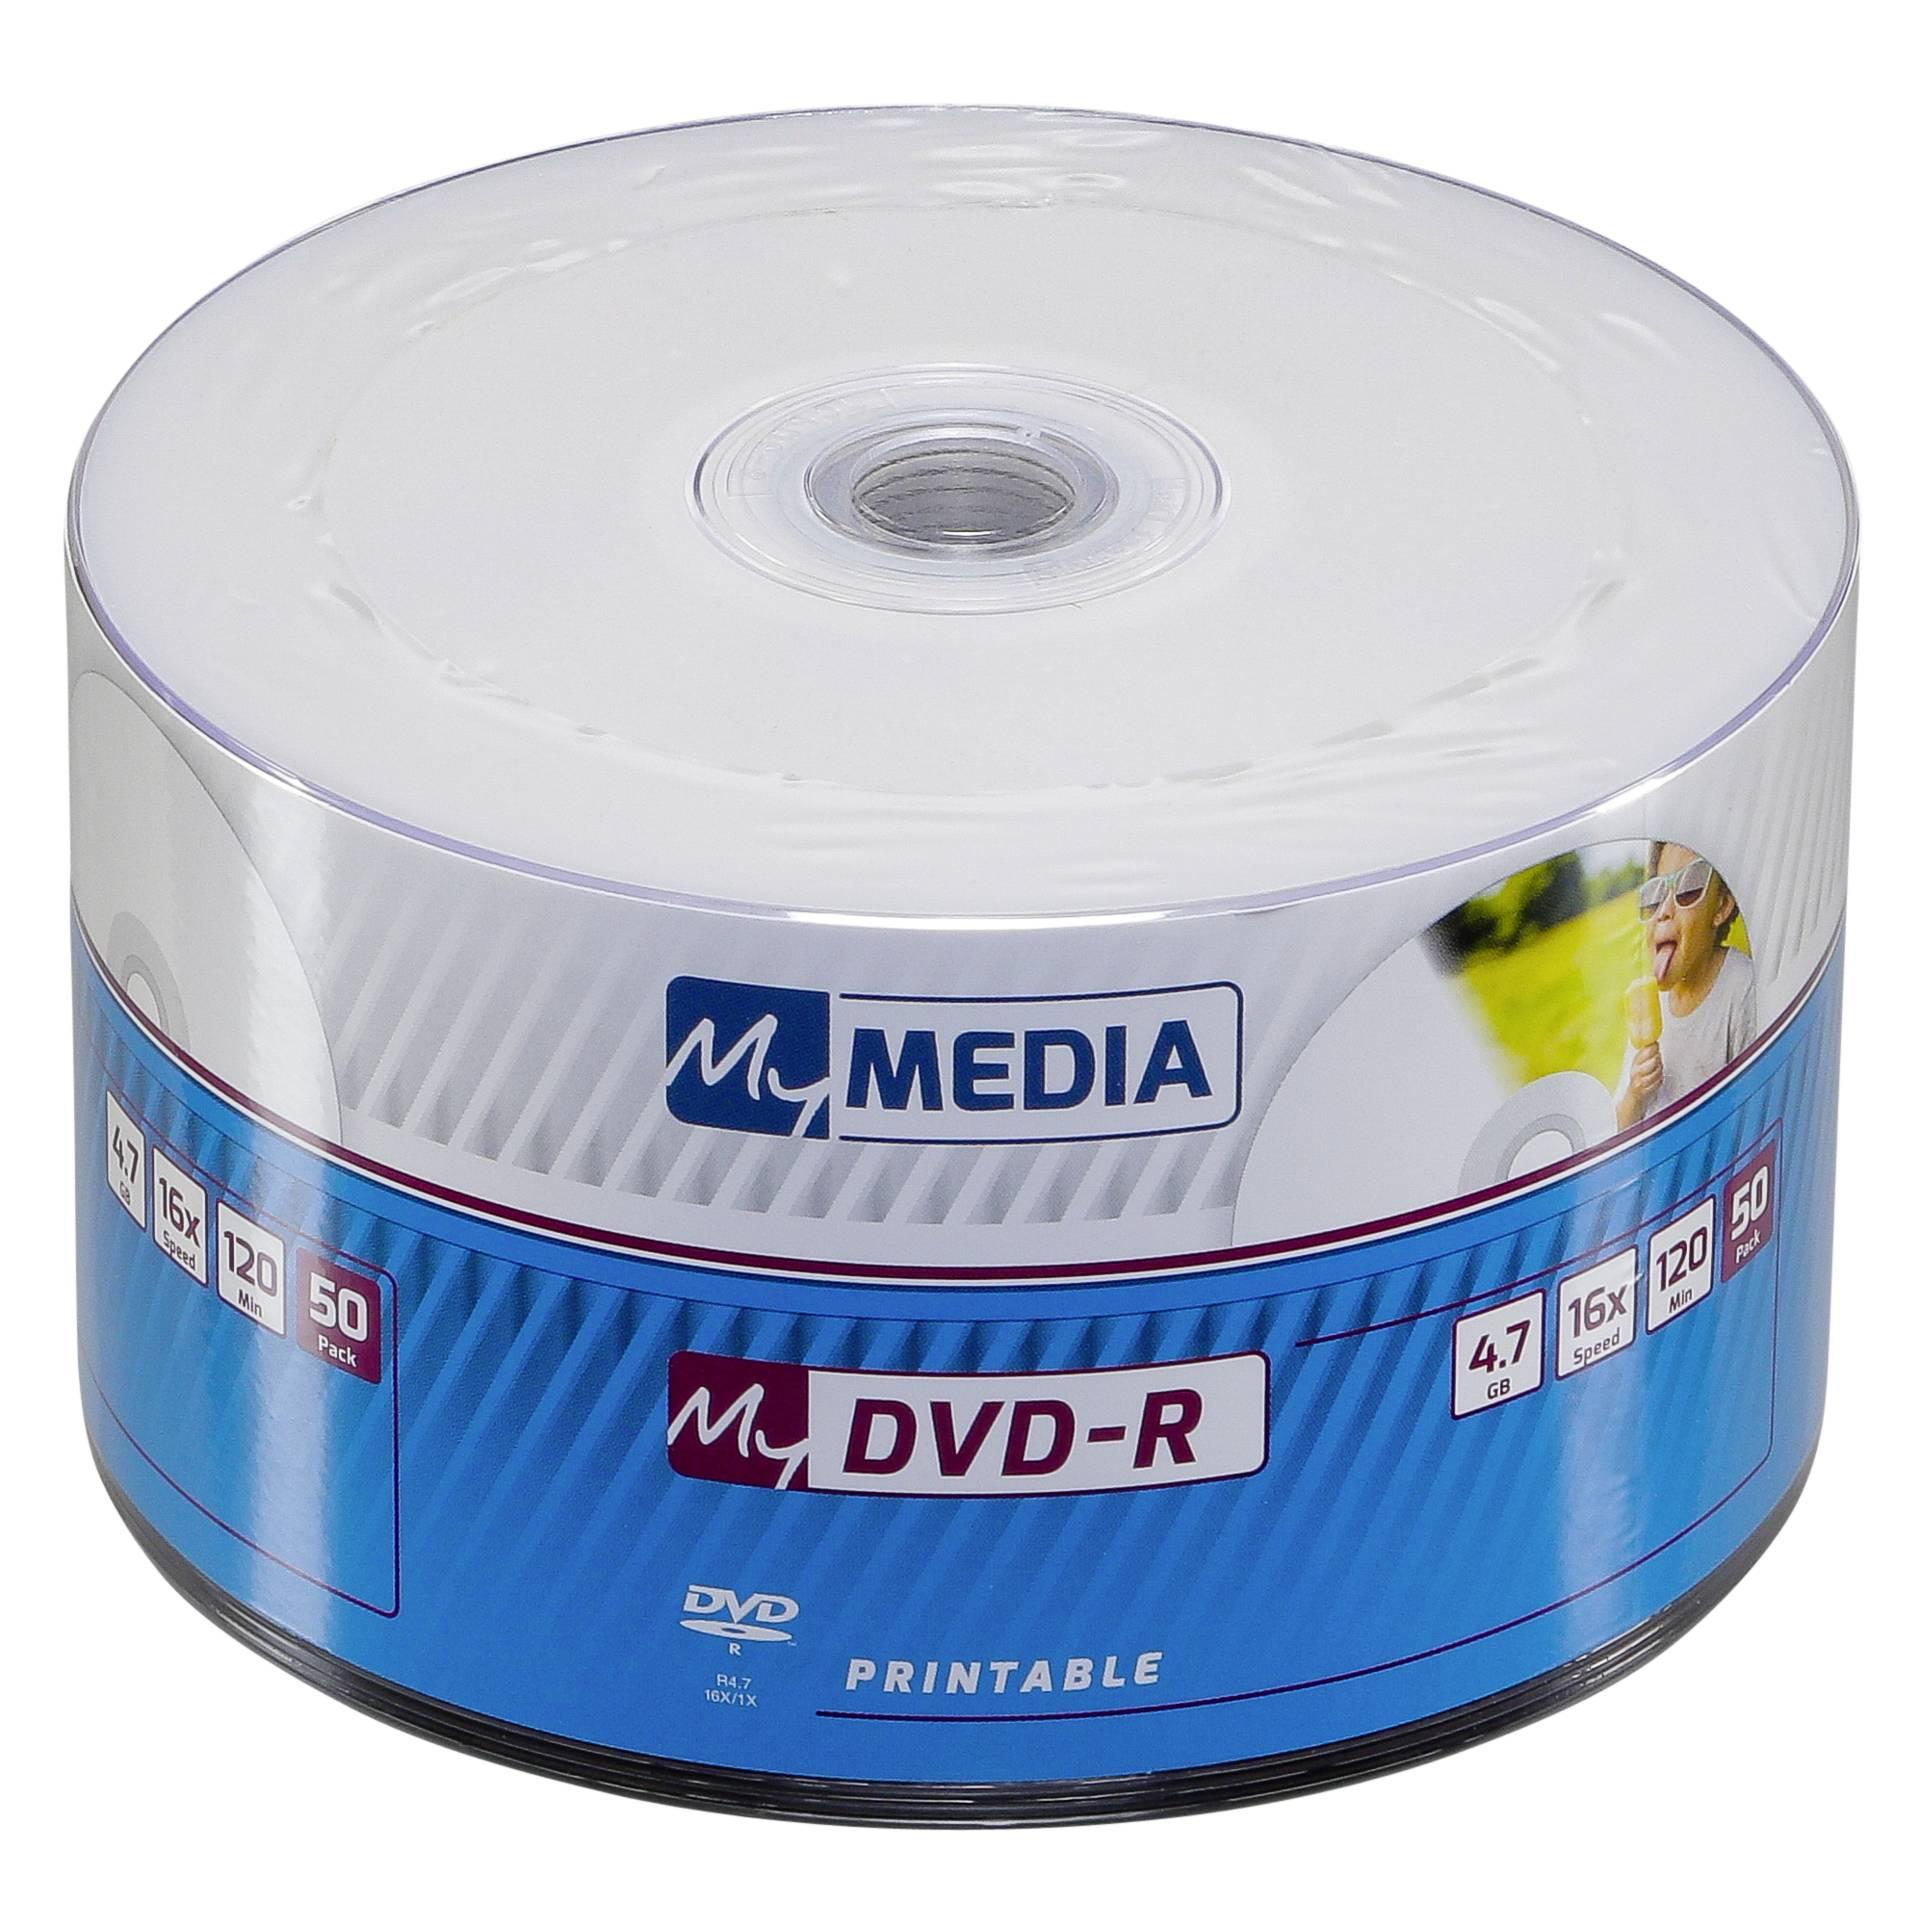 MyMedia DVD-R Printable Wrap 1x50 4,7GB x16 Speed